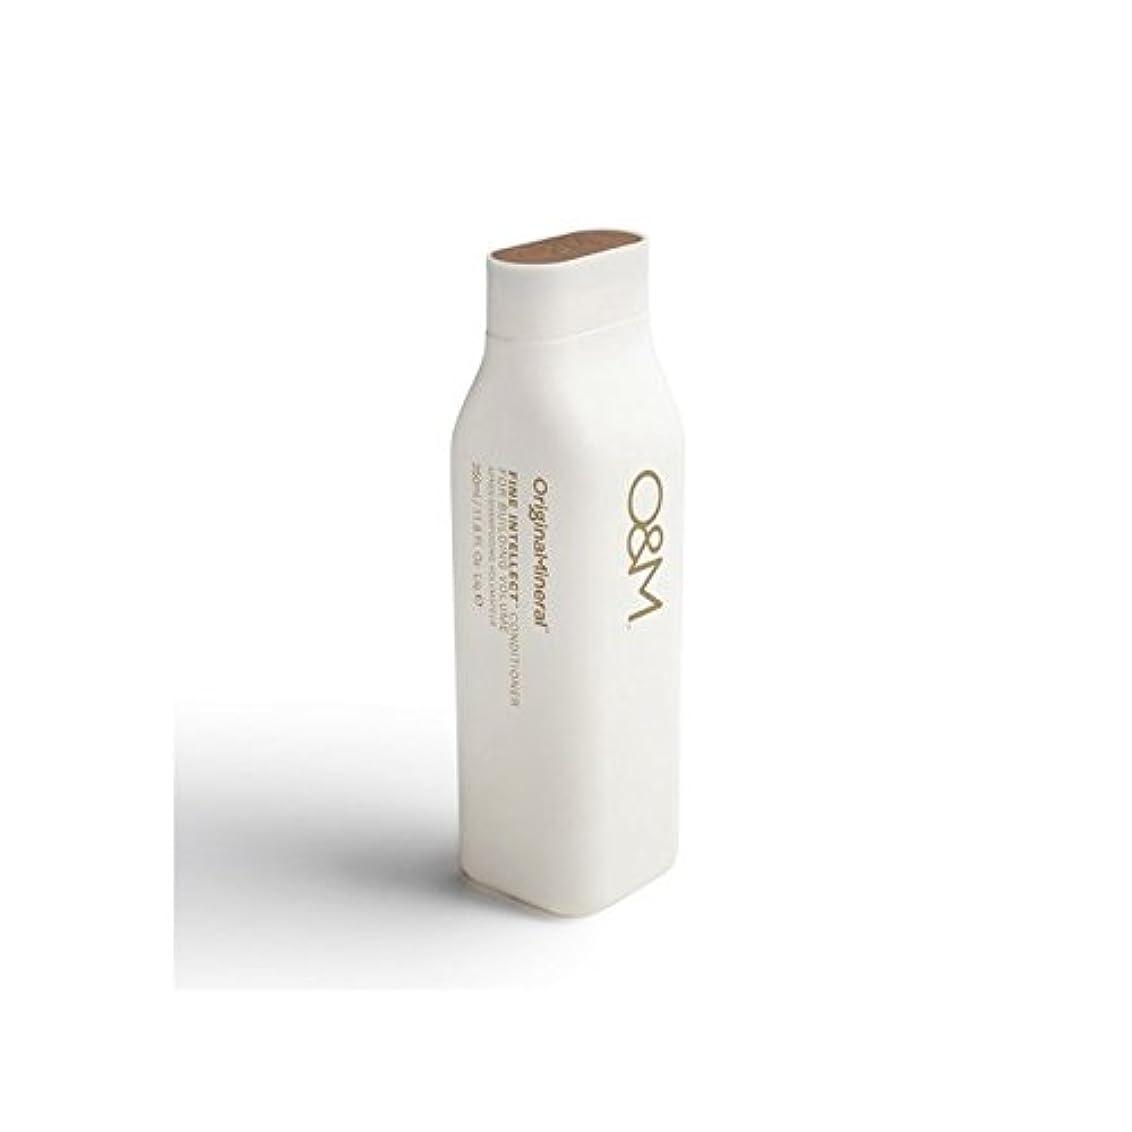 セラー賛辞柔和Original & Mineral Fine Intellect Conditioner (350ml) (Pack of 6) - オリジナル&ミネラル細かい知性コンディショナー(350ミリリットル) x6 [並行輸入品]